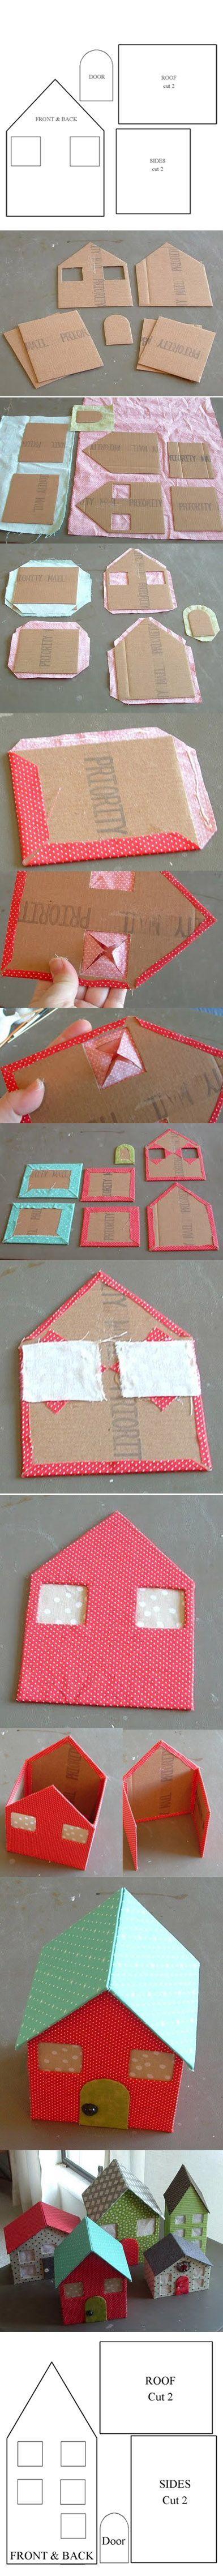 Divertidas casitas de cartón: